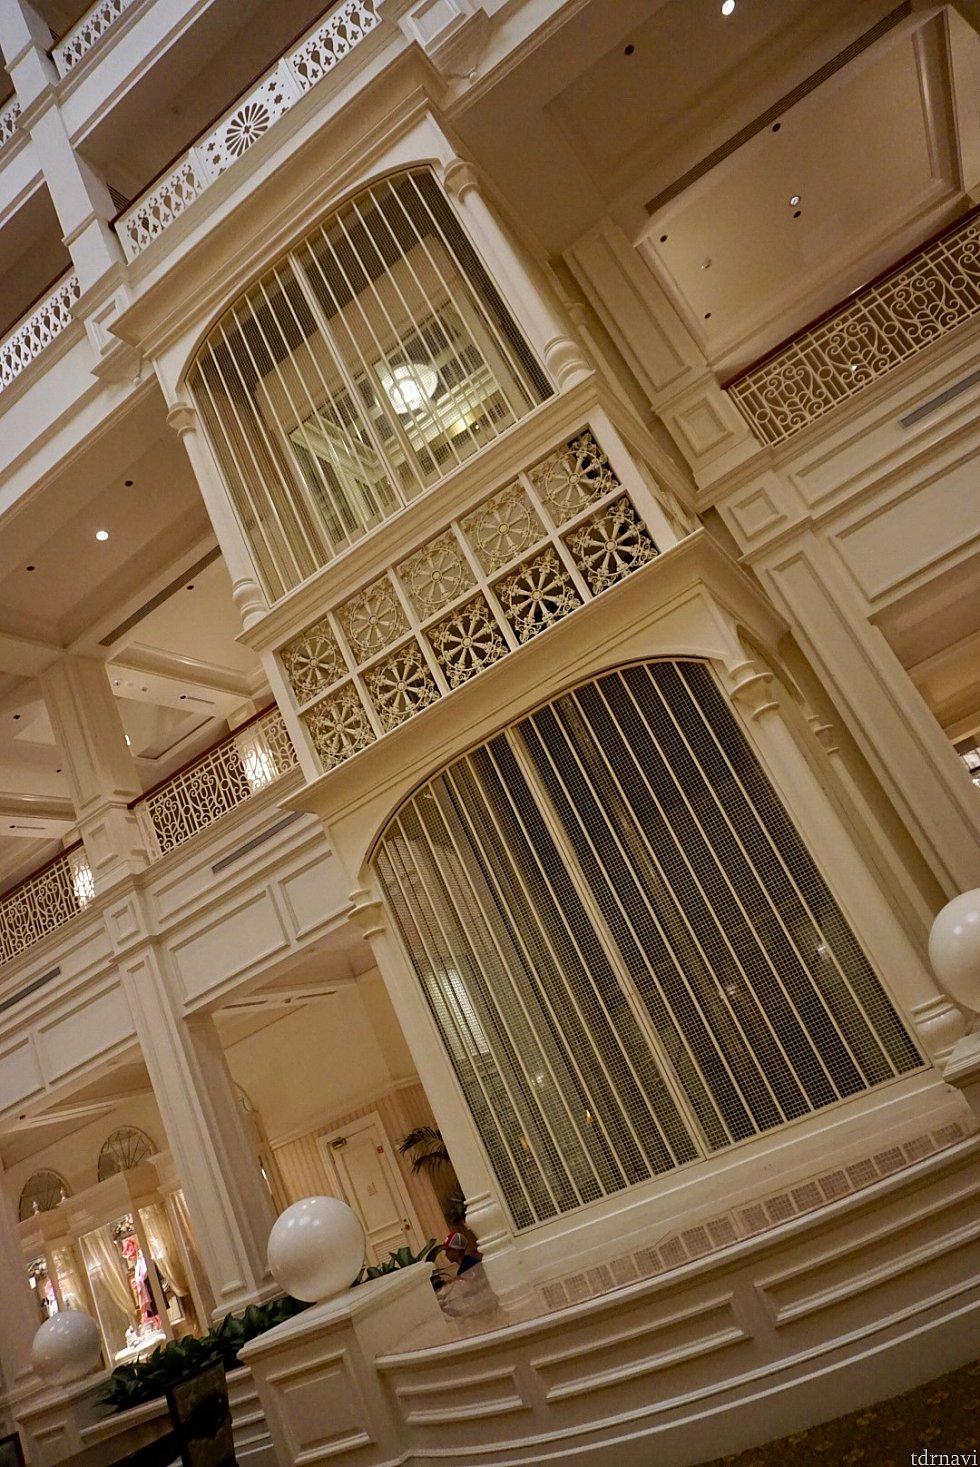 反対側には、鳥籠の様なエレベーターが。もちろんゲスト用のエレベーターで、1階と2階を往復します。